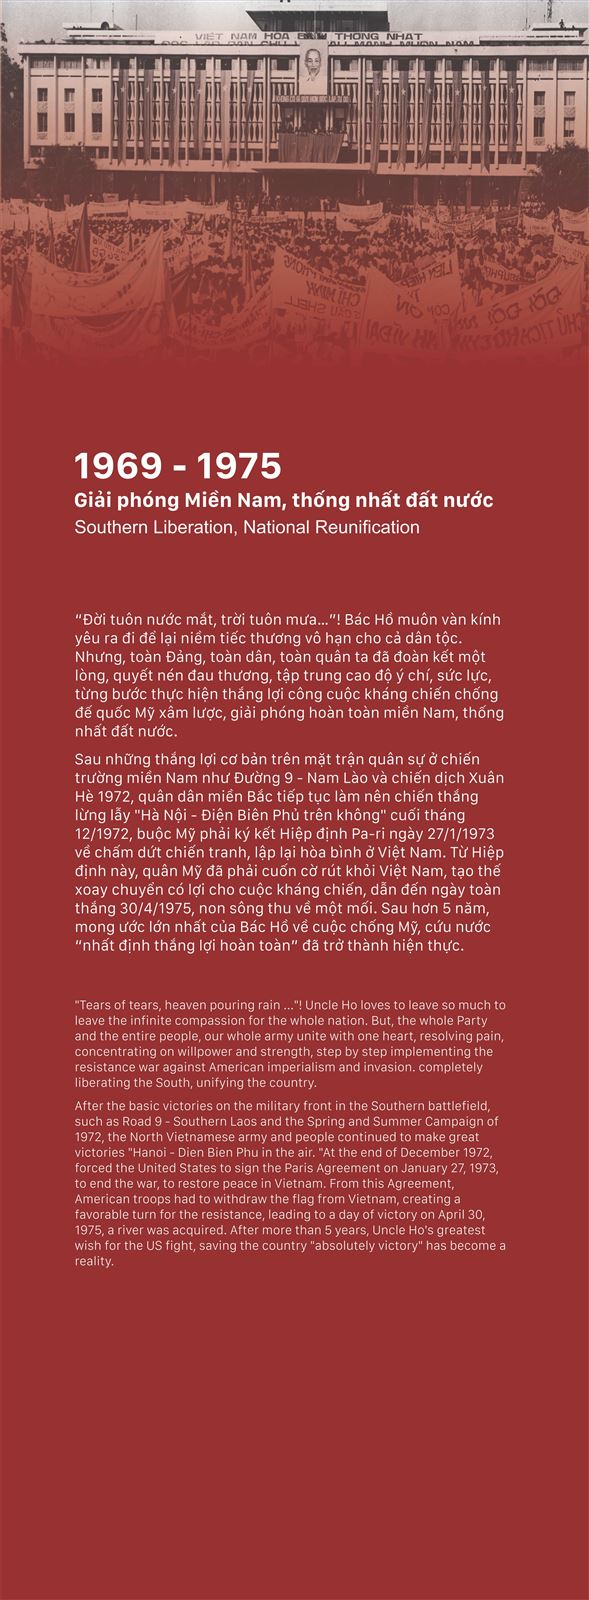 Chủ đề 1: Giải phóng miền Nam, Thống nhất đất nước (1969 – 1975)